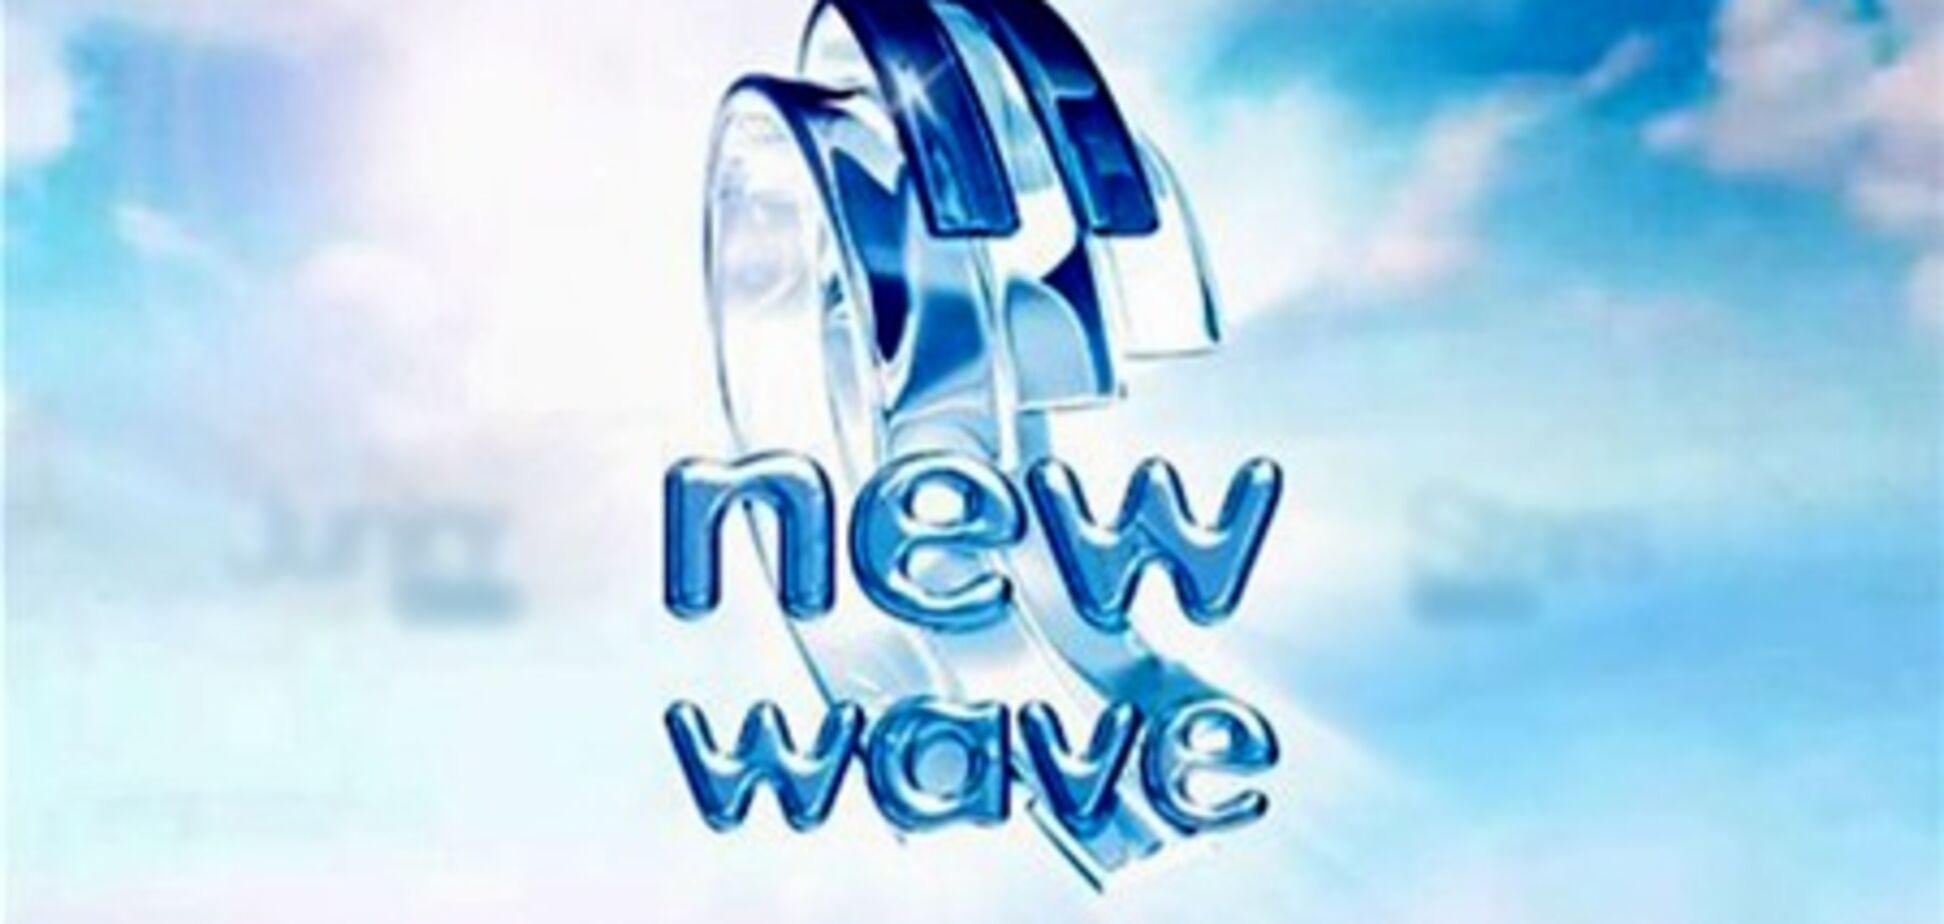 Названы финалисты фестиваля 'Новая волна 2011'